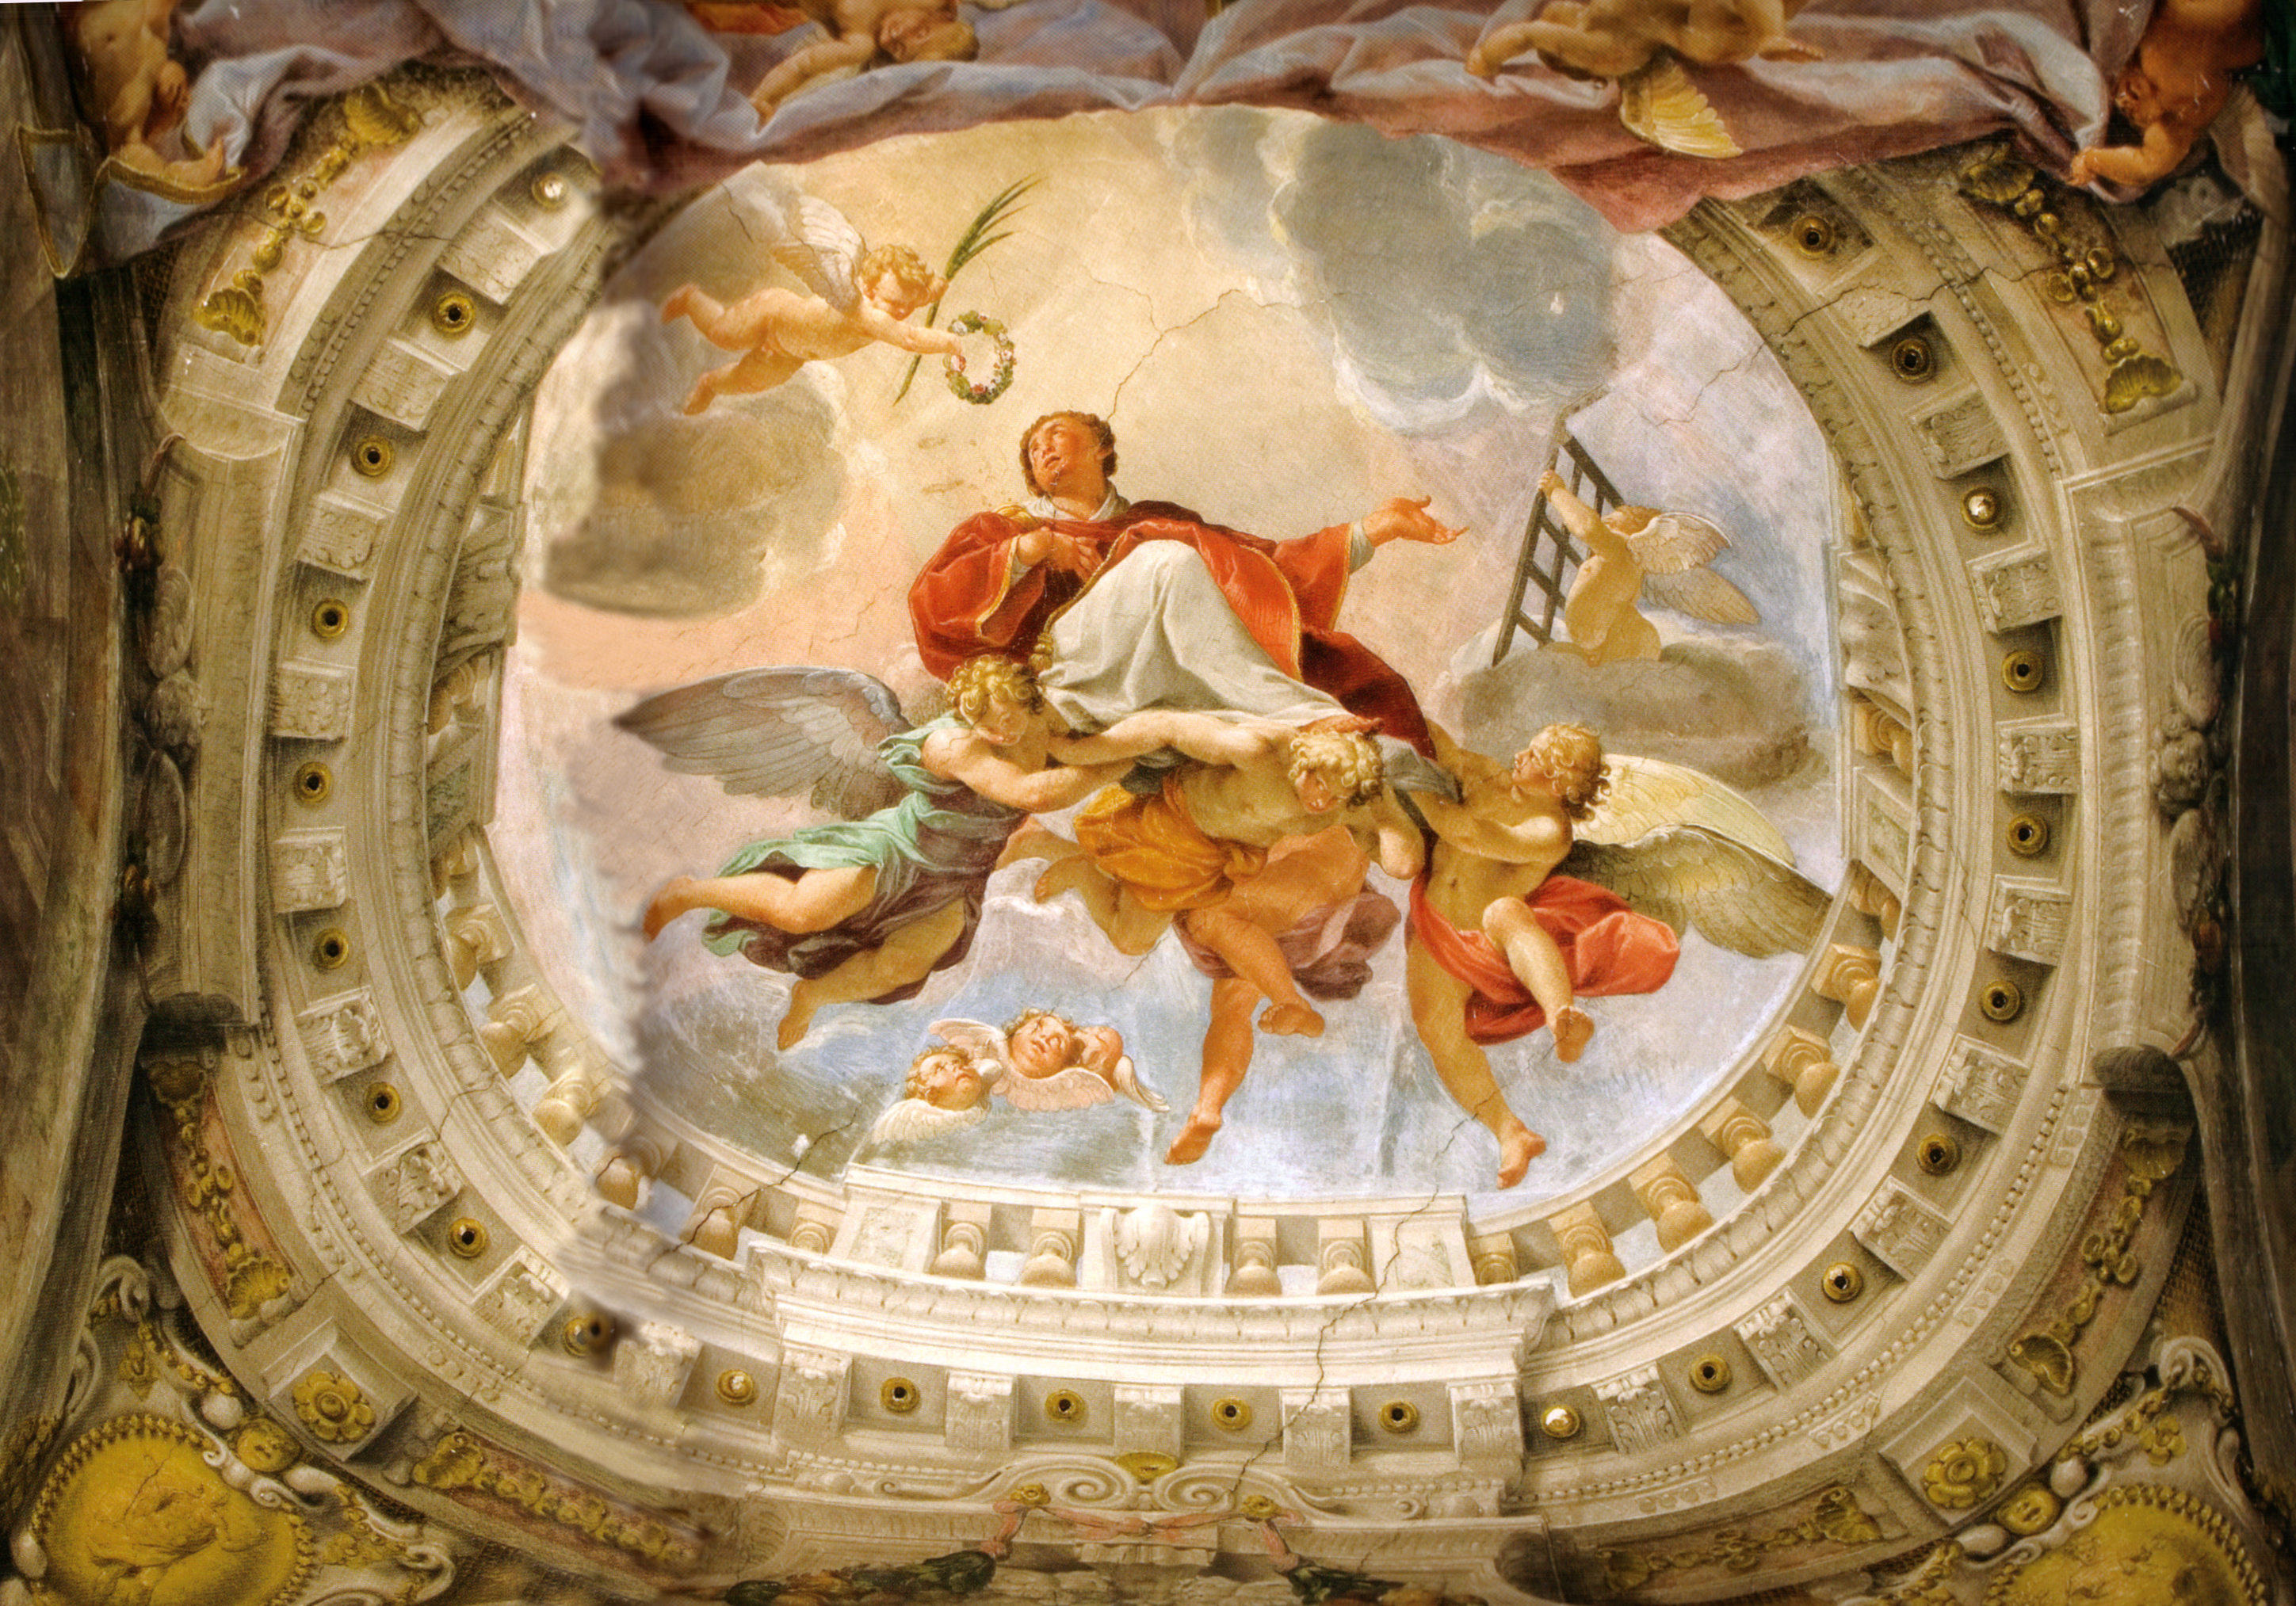 Dipinti Murali E Pittura Ad Ago : Pittura illusionistica wikipedia